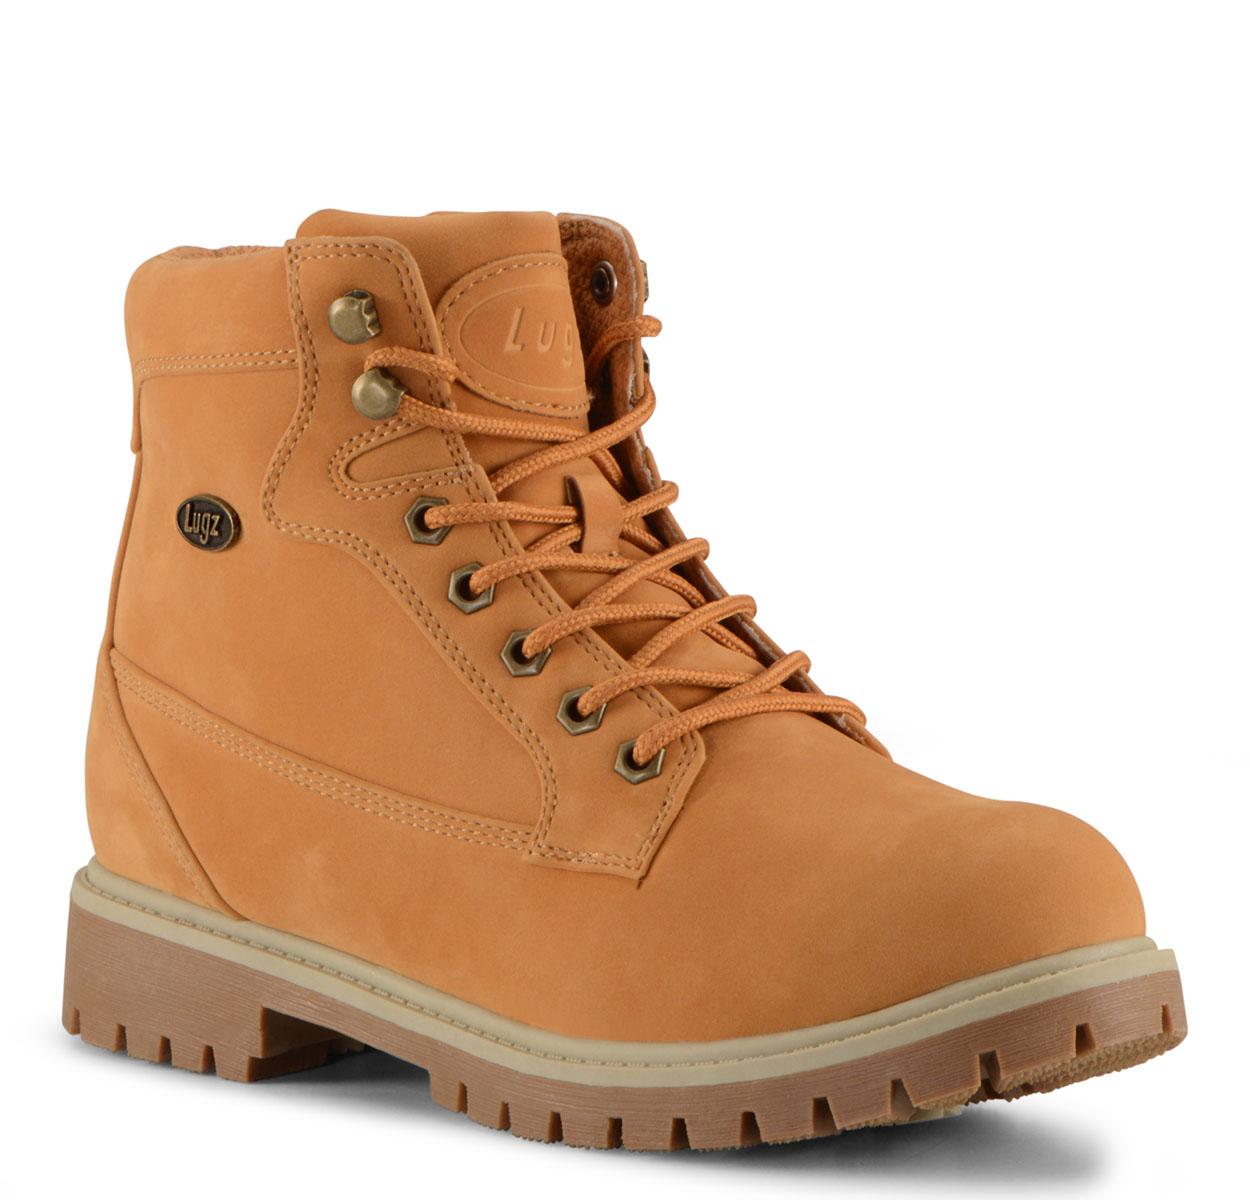 Men's Mantle Hi 6-Inch Boot (Choose Your Color: Golden Wheat/Cream/Gum, Choose Your Size: 12.0)